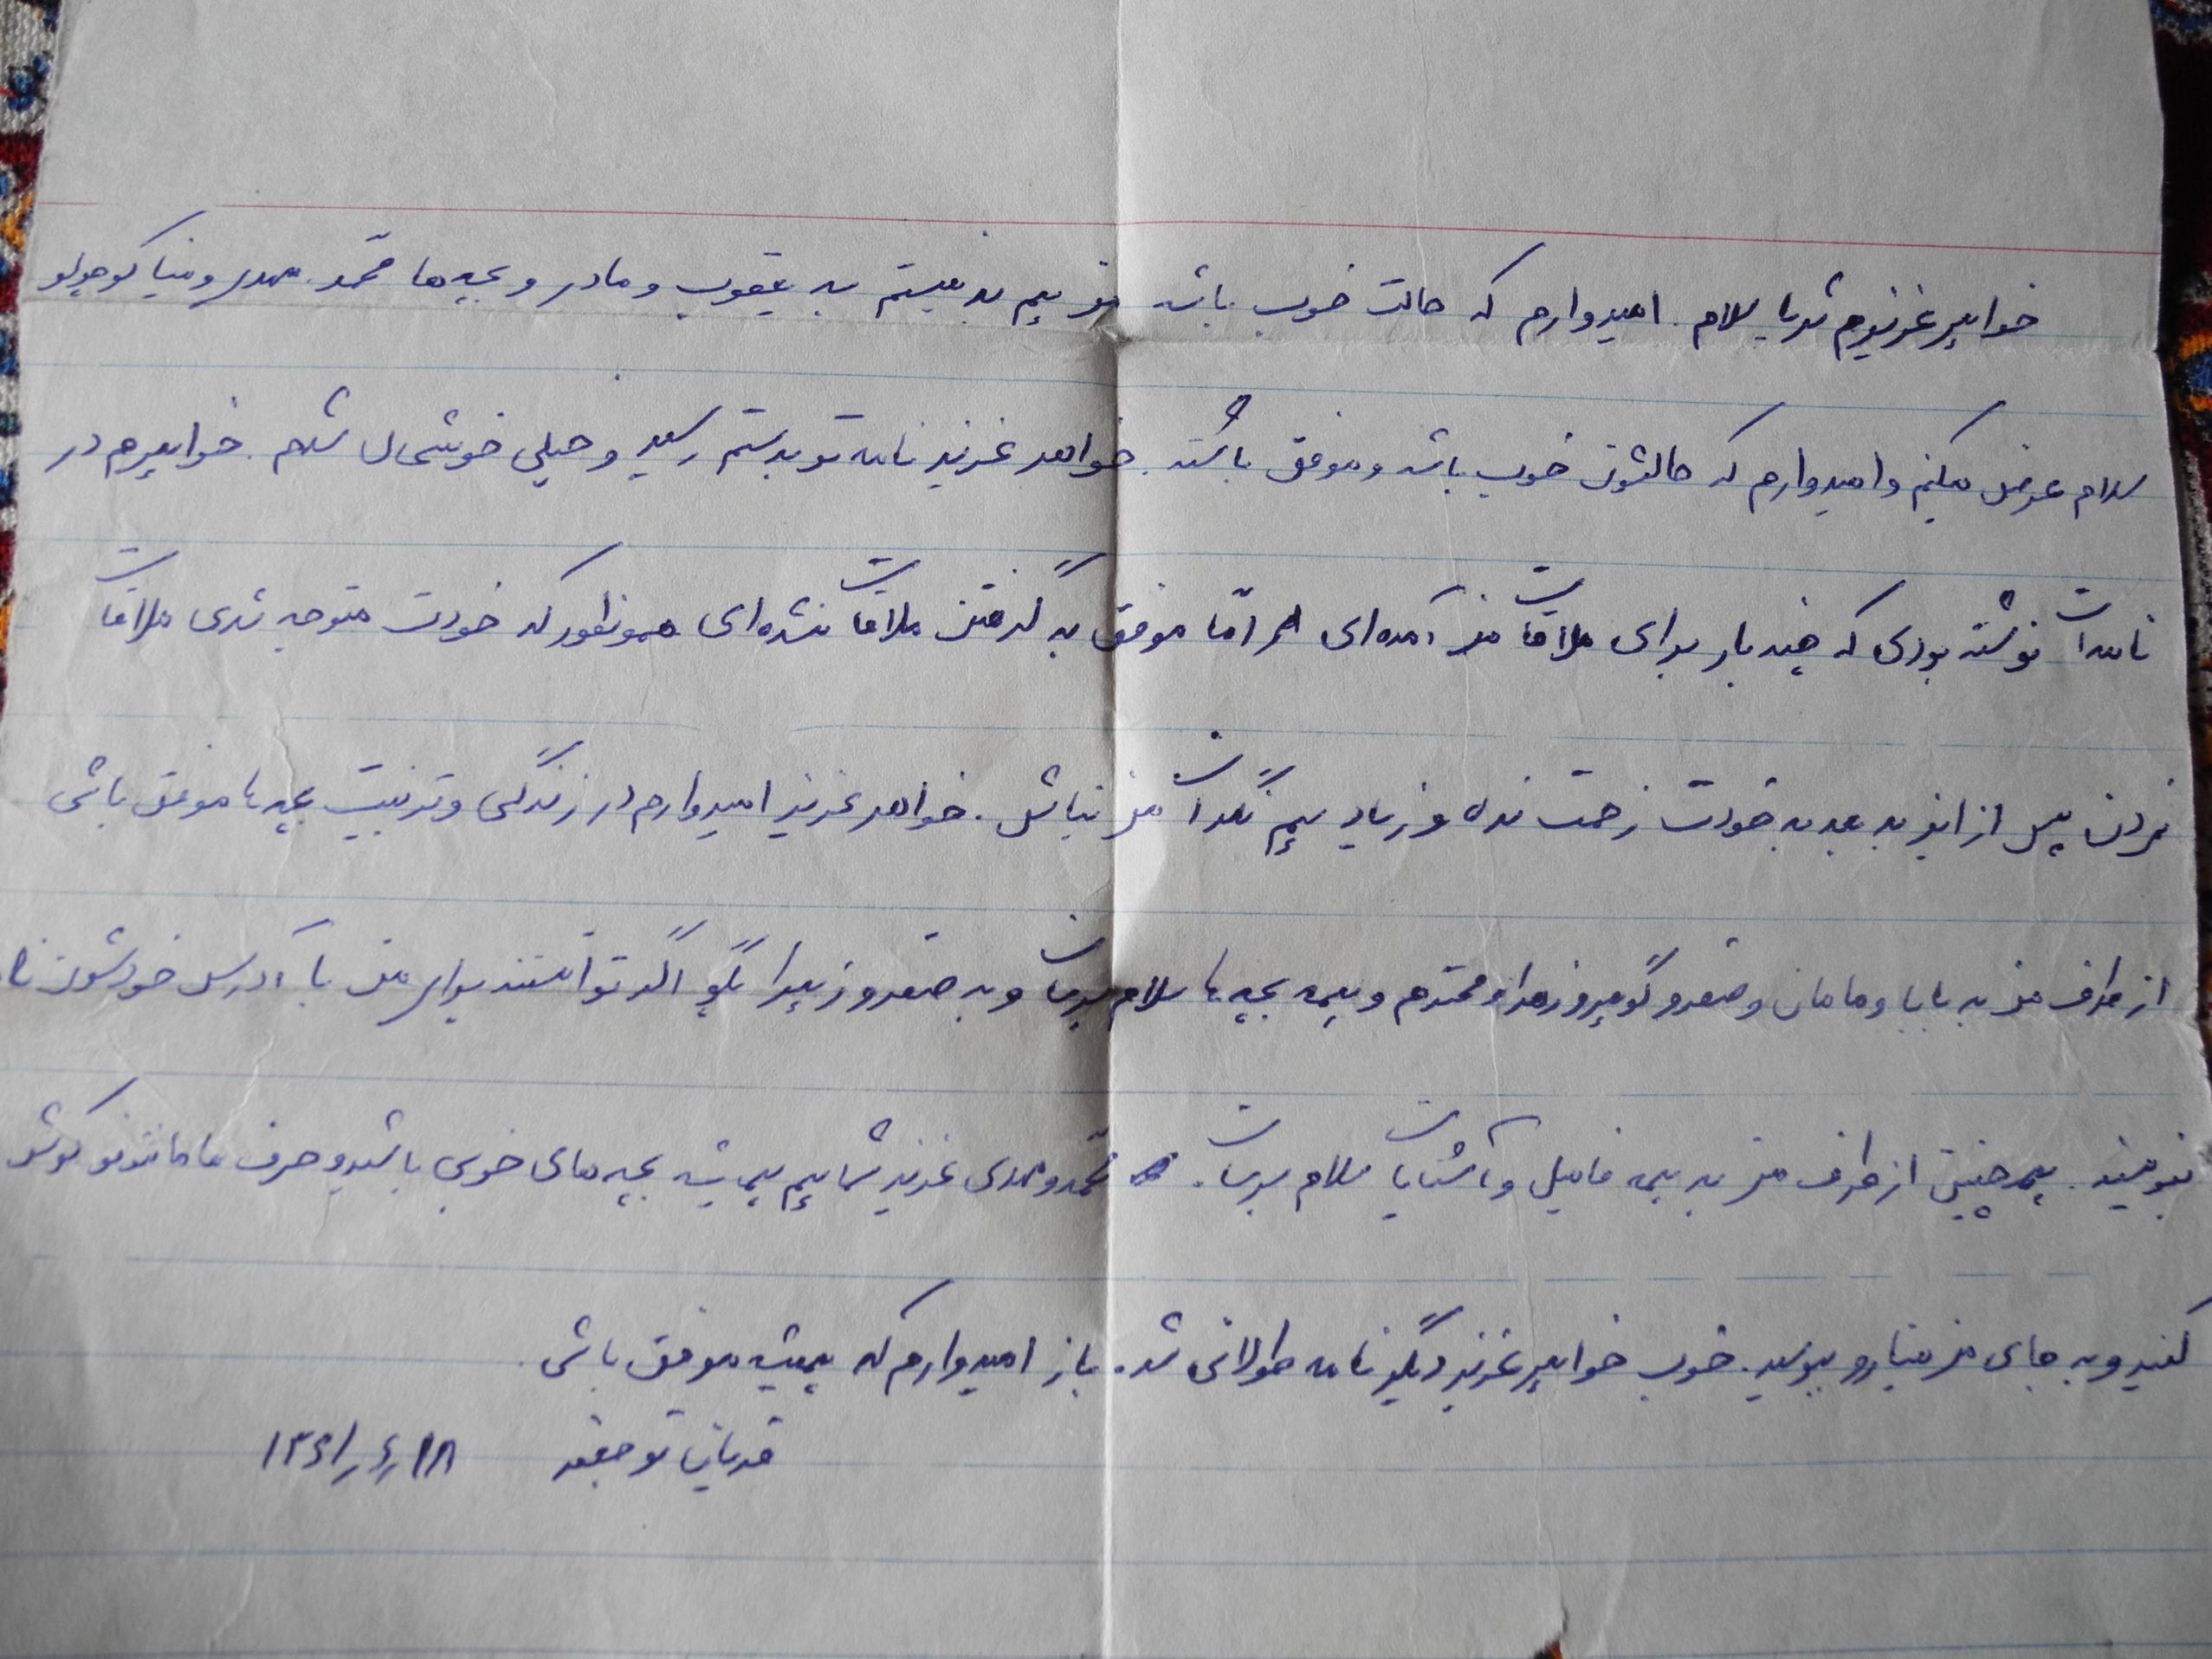 نامه جعفر از زندان اوین به خواهرش که آن موقع چون هنوز 30 ساله نشده بود وقتی به ملاقات جعفر می رفت اجازه نمی دادند و جعفر خواهش کرده دیگر نیاید چون اجازه نمی دهند